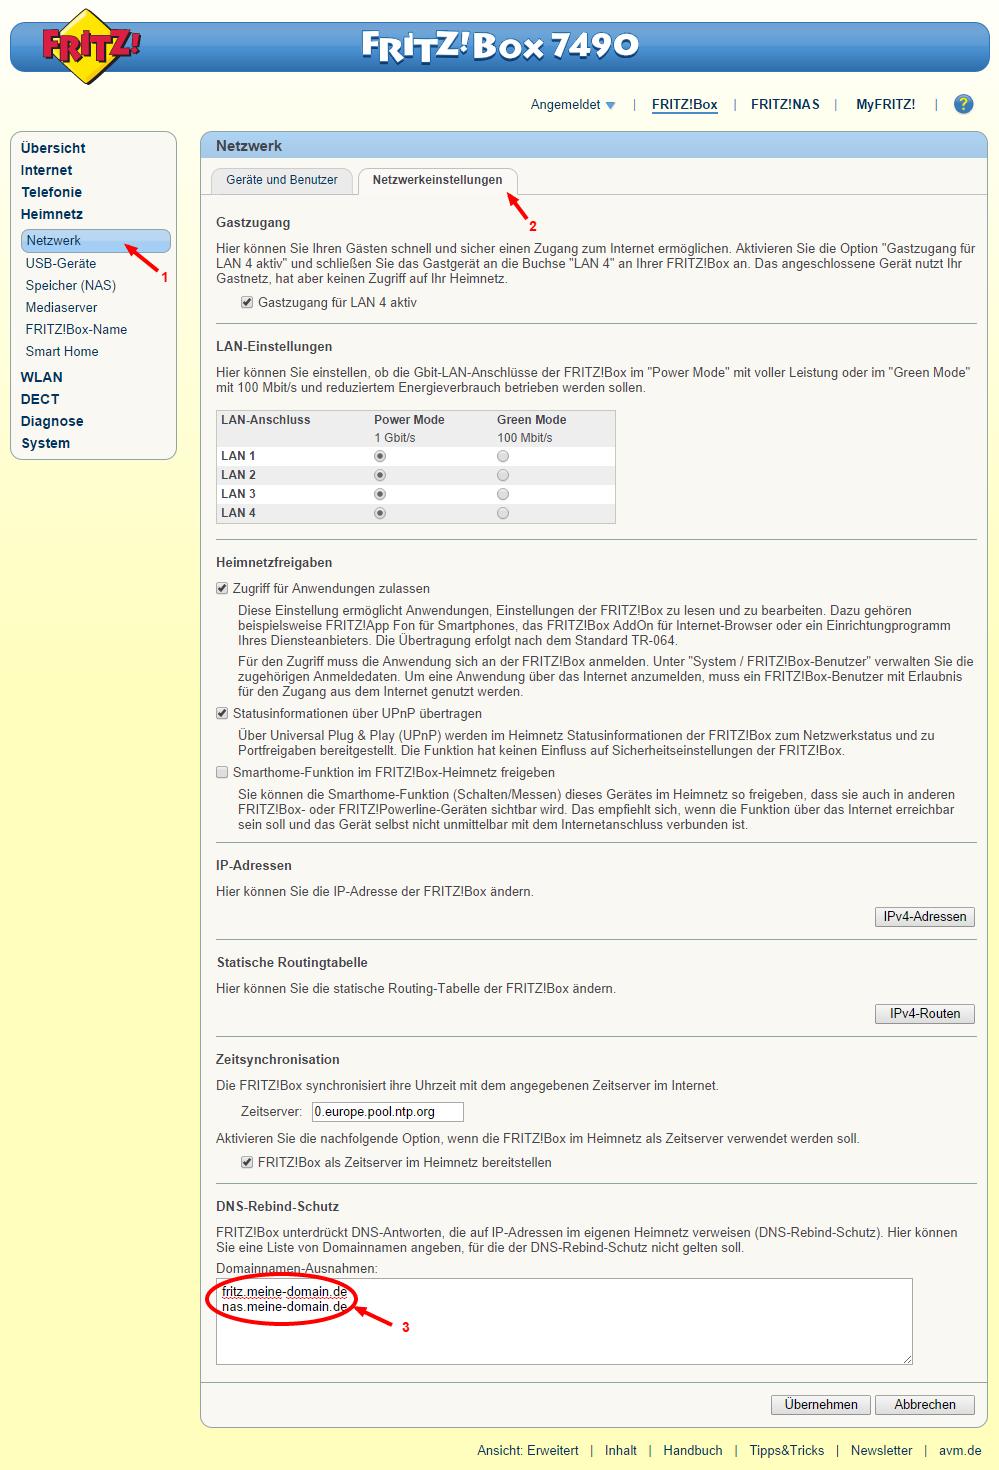 So trägt man seine eigenen Subdomains ein, damit die DNS-Auflösung der privaten IP funktioniert (Scrrenshot: FRITZ!Box 7490 Benutzeroberfläche)